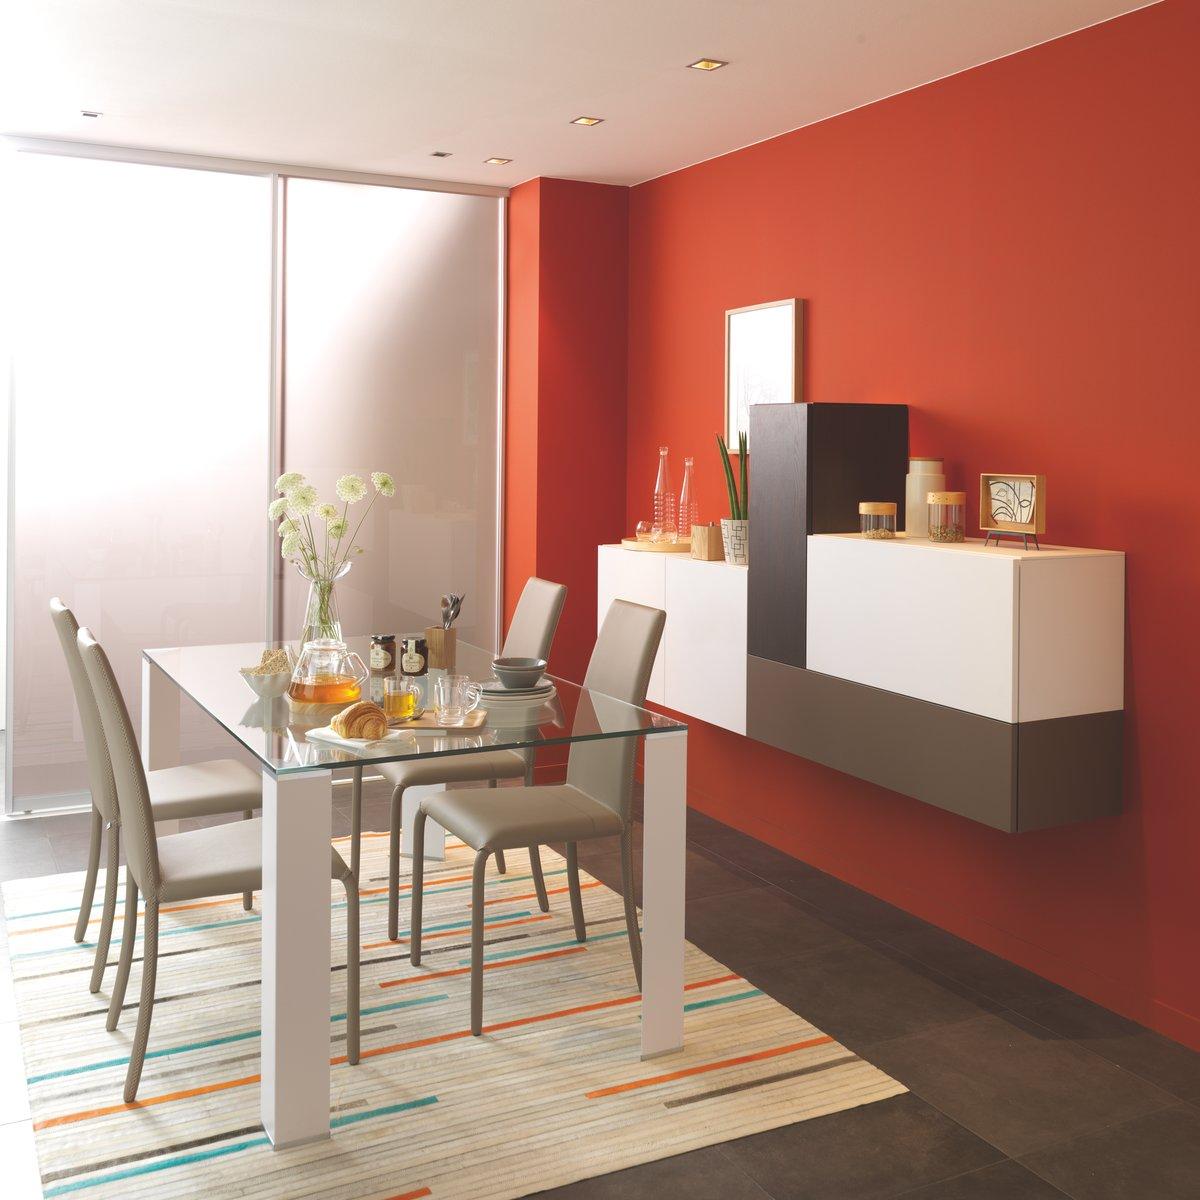 Harmonie Des Couleurs Dans Une Maison l'association de couleurs sur les murs en 4 conseils | schmidt